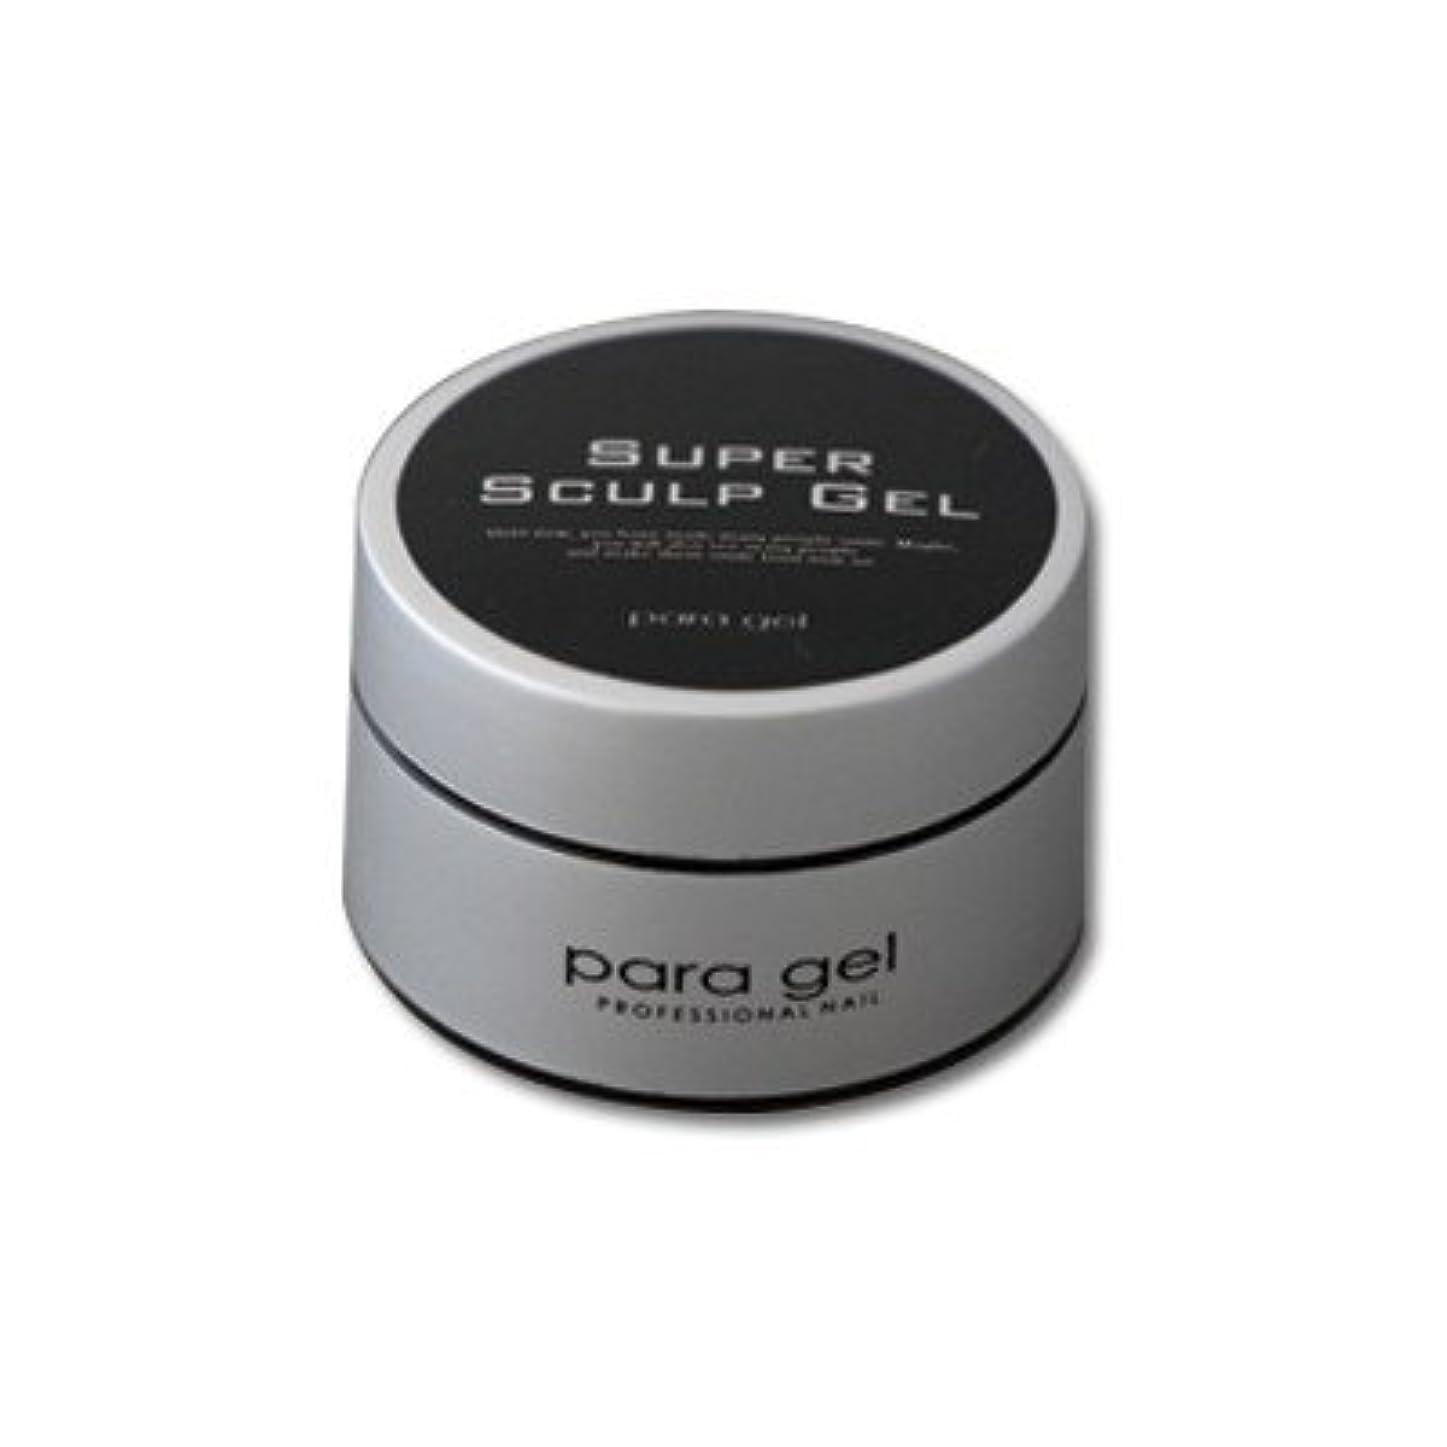 心理的にアシュリータファーマン失望para gel(パラジェル) スーパースカルプジェル 10g